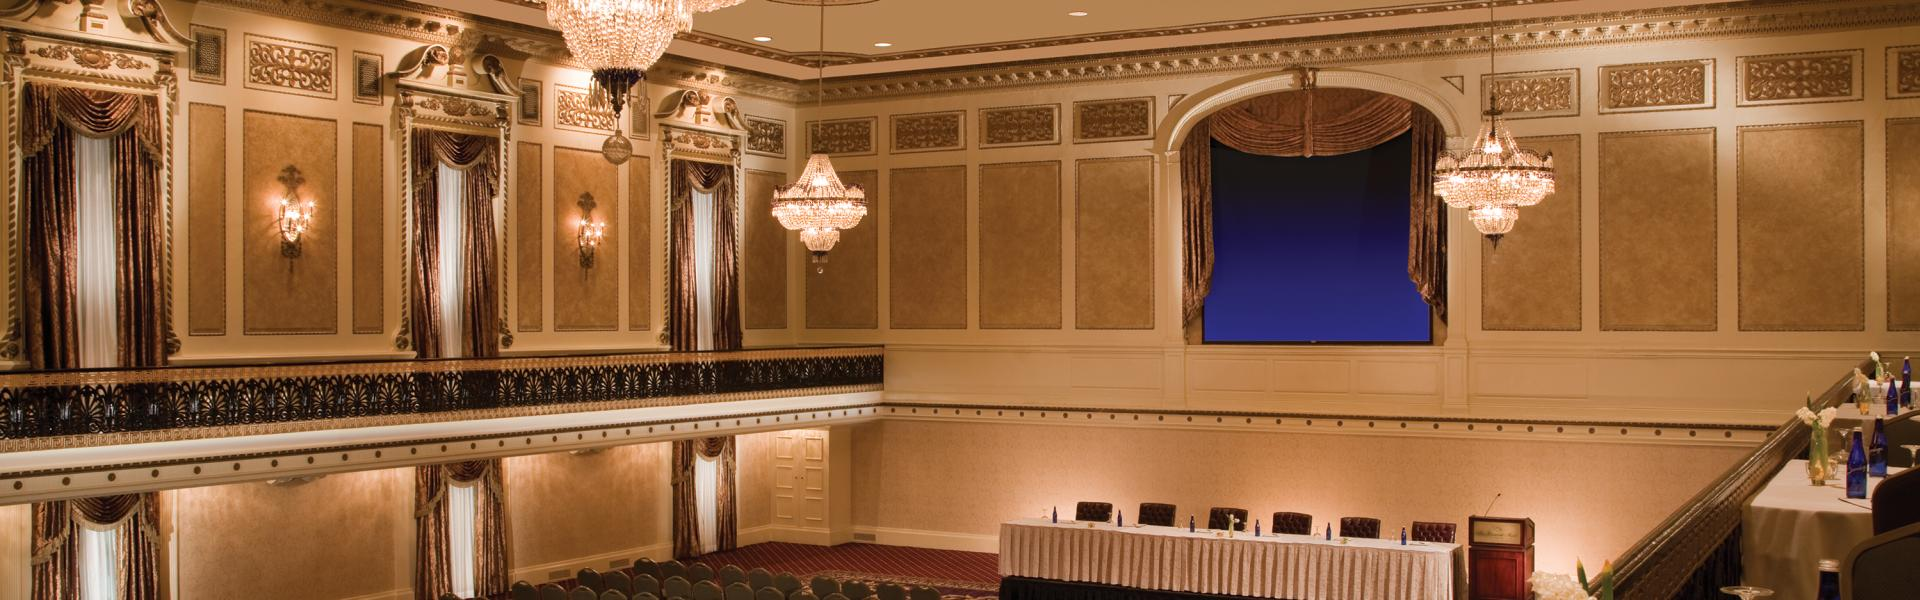 Roosevelt Hotel, interior, ballroom